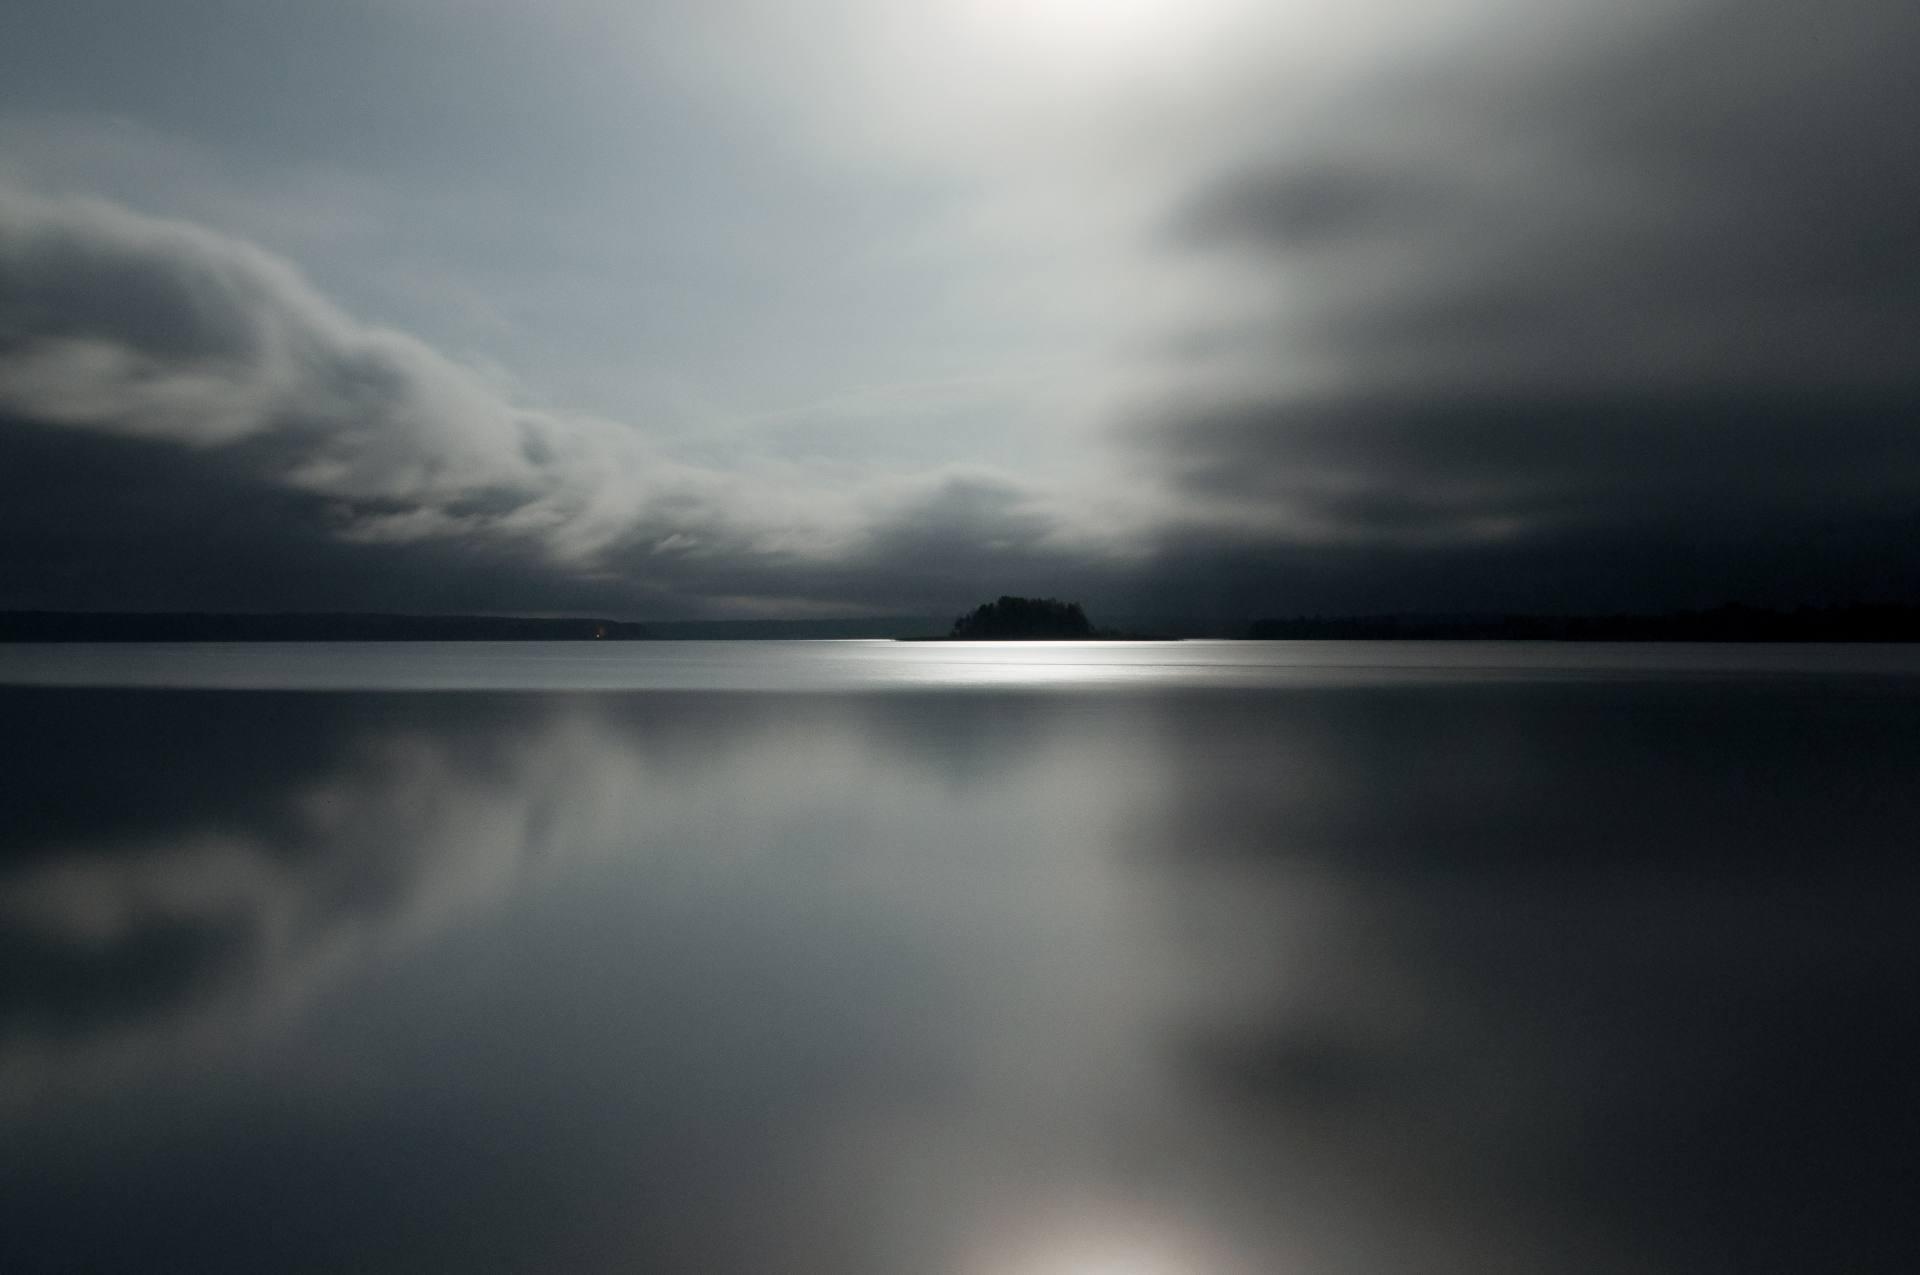 pexels-photo-132778